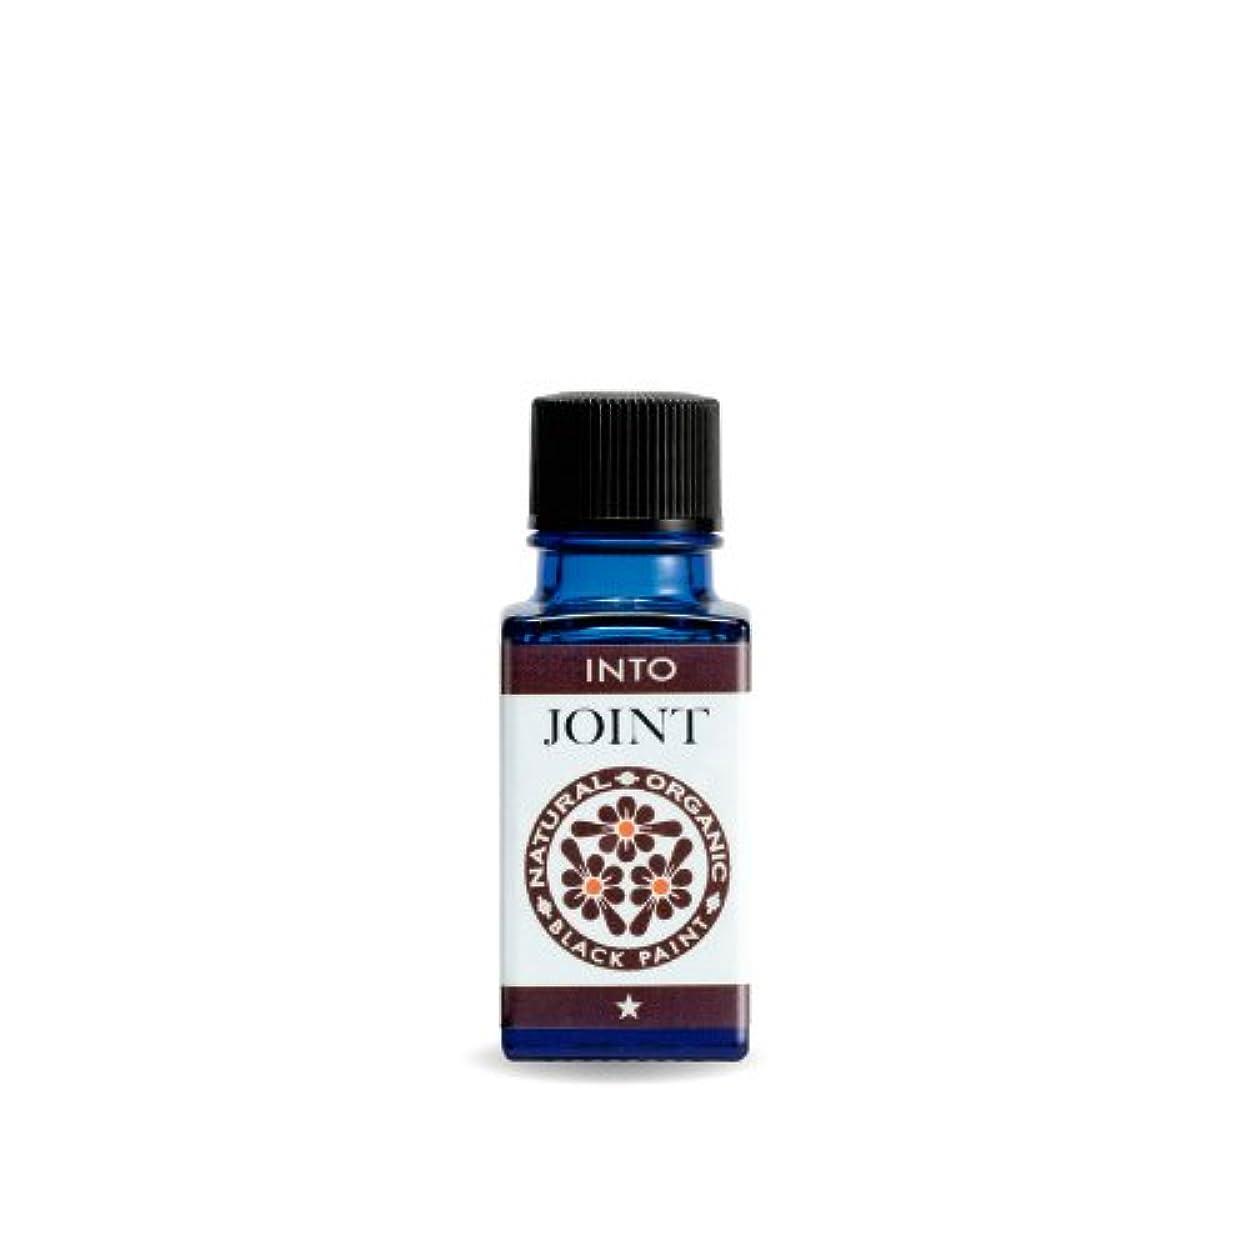 リスト活性化する充実関節用 エッセンシャルオイル 美容液 INTO ジョイント 10ml ブラックペイント